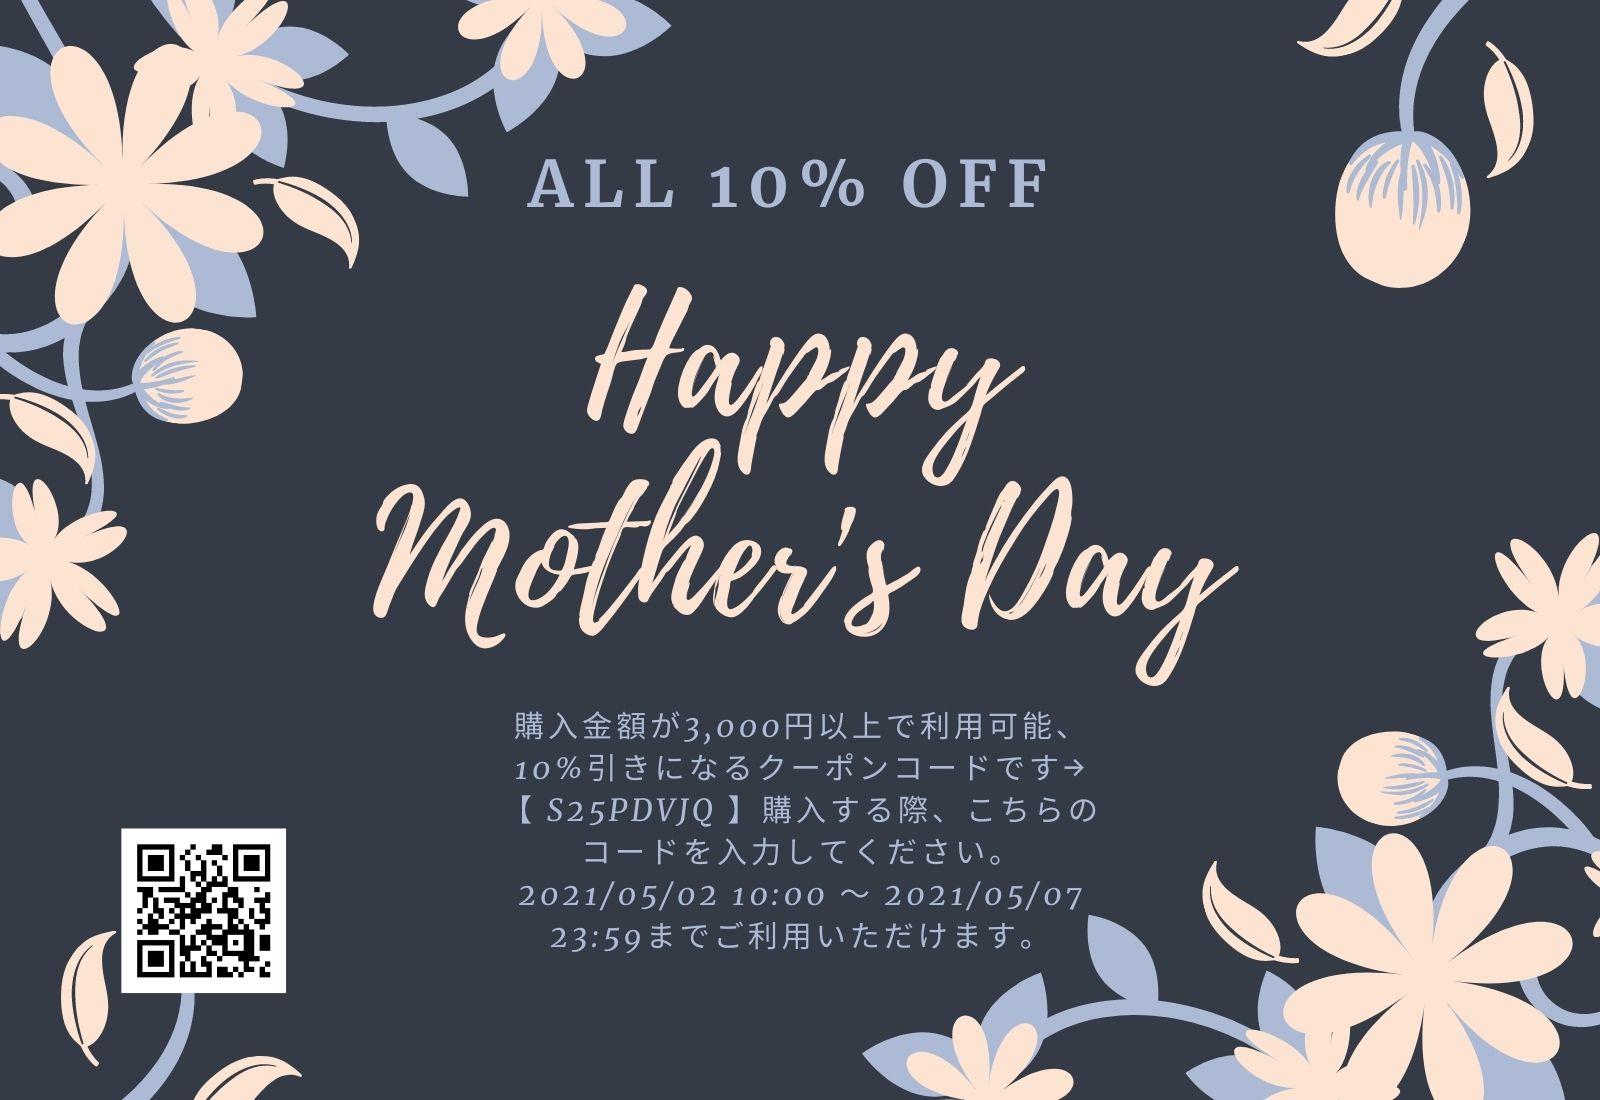 母の日の贈り物、ご準備おすみですか?canohaネットショップ All 10%OFF (-5/7)